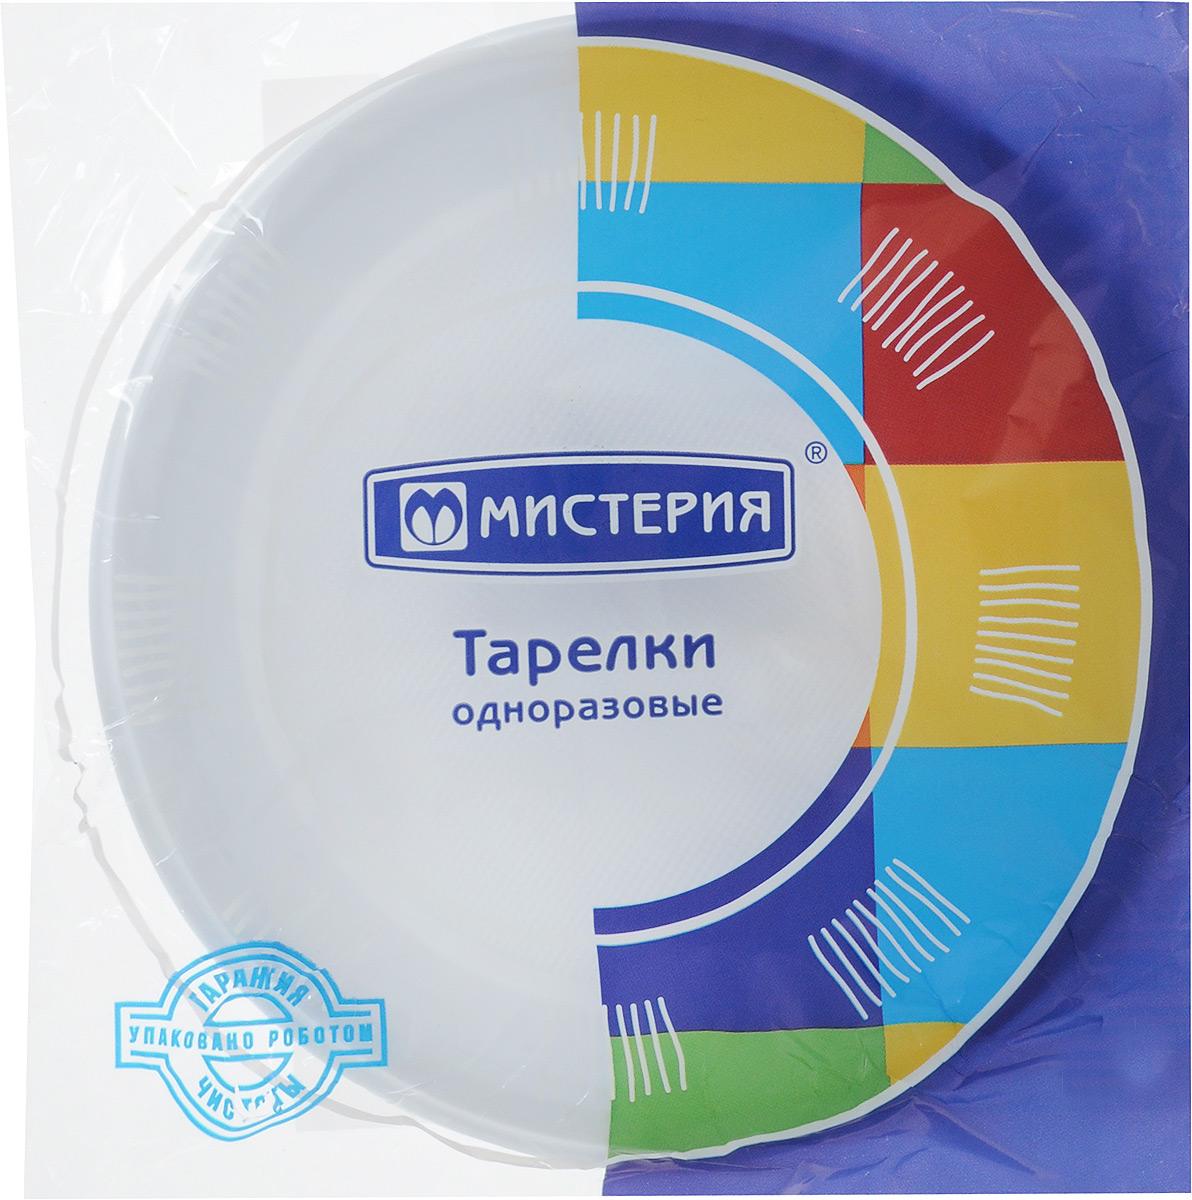 Набор одноразовых десертных тарелок Мистерия, цвет: белый, диаметр 17 см, 12 шт183880аНабор Мистерия состоит из 12 круглых десертных тарелок, выполненных из полистирола и предназначенных для одноразового использования. Подходят для холодных и горячих пищевых продуктов. Одноразовые тарелки будут незаменимы при поездках на природу, пикниках и других мероприятиях. Они не займут много места, легки и самое главное - после использования их не надо мыть. Диаметр тарелки: 17 см. Высота тарелки: 1,5 см.